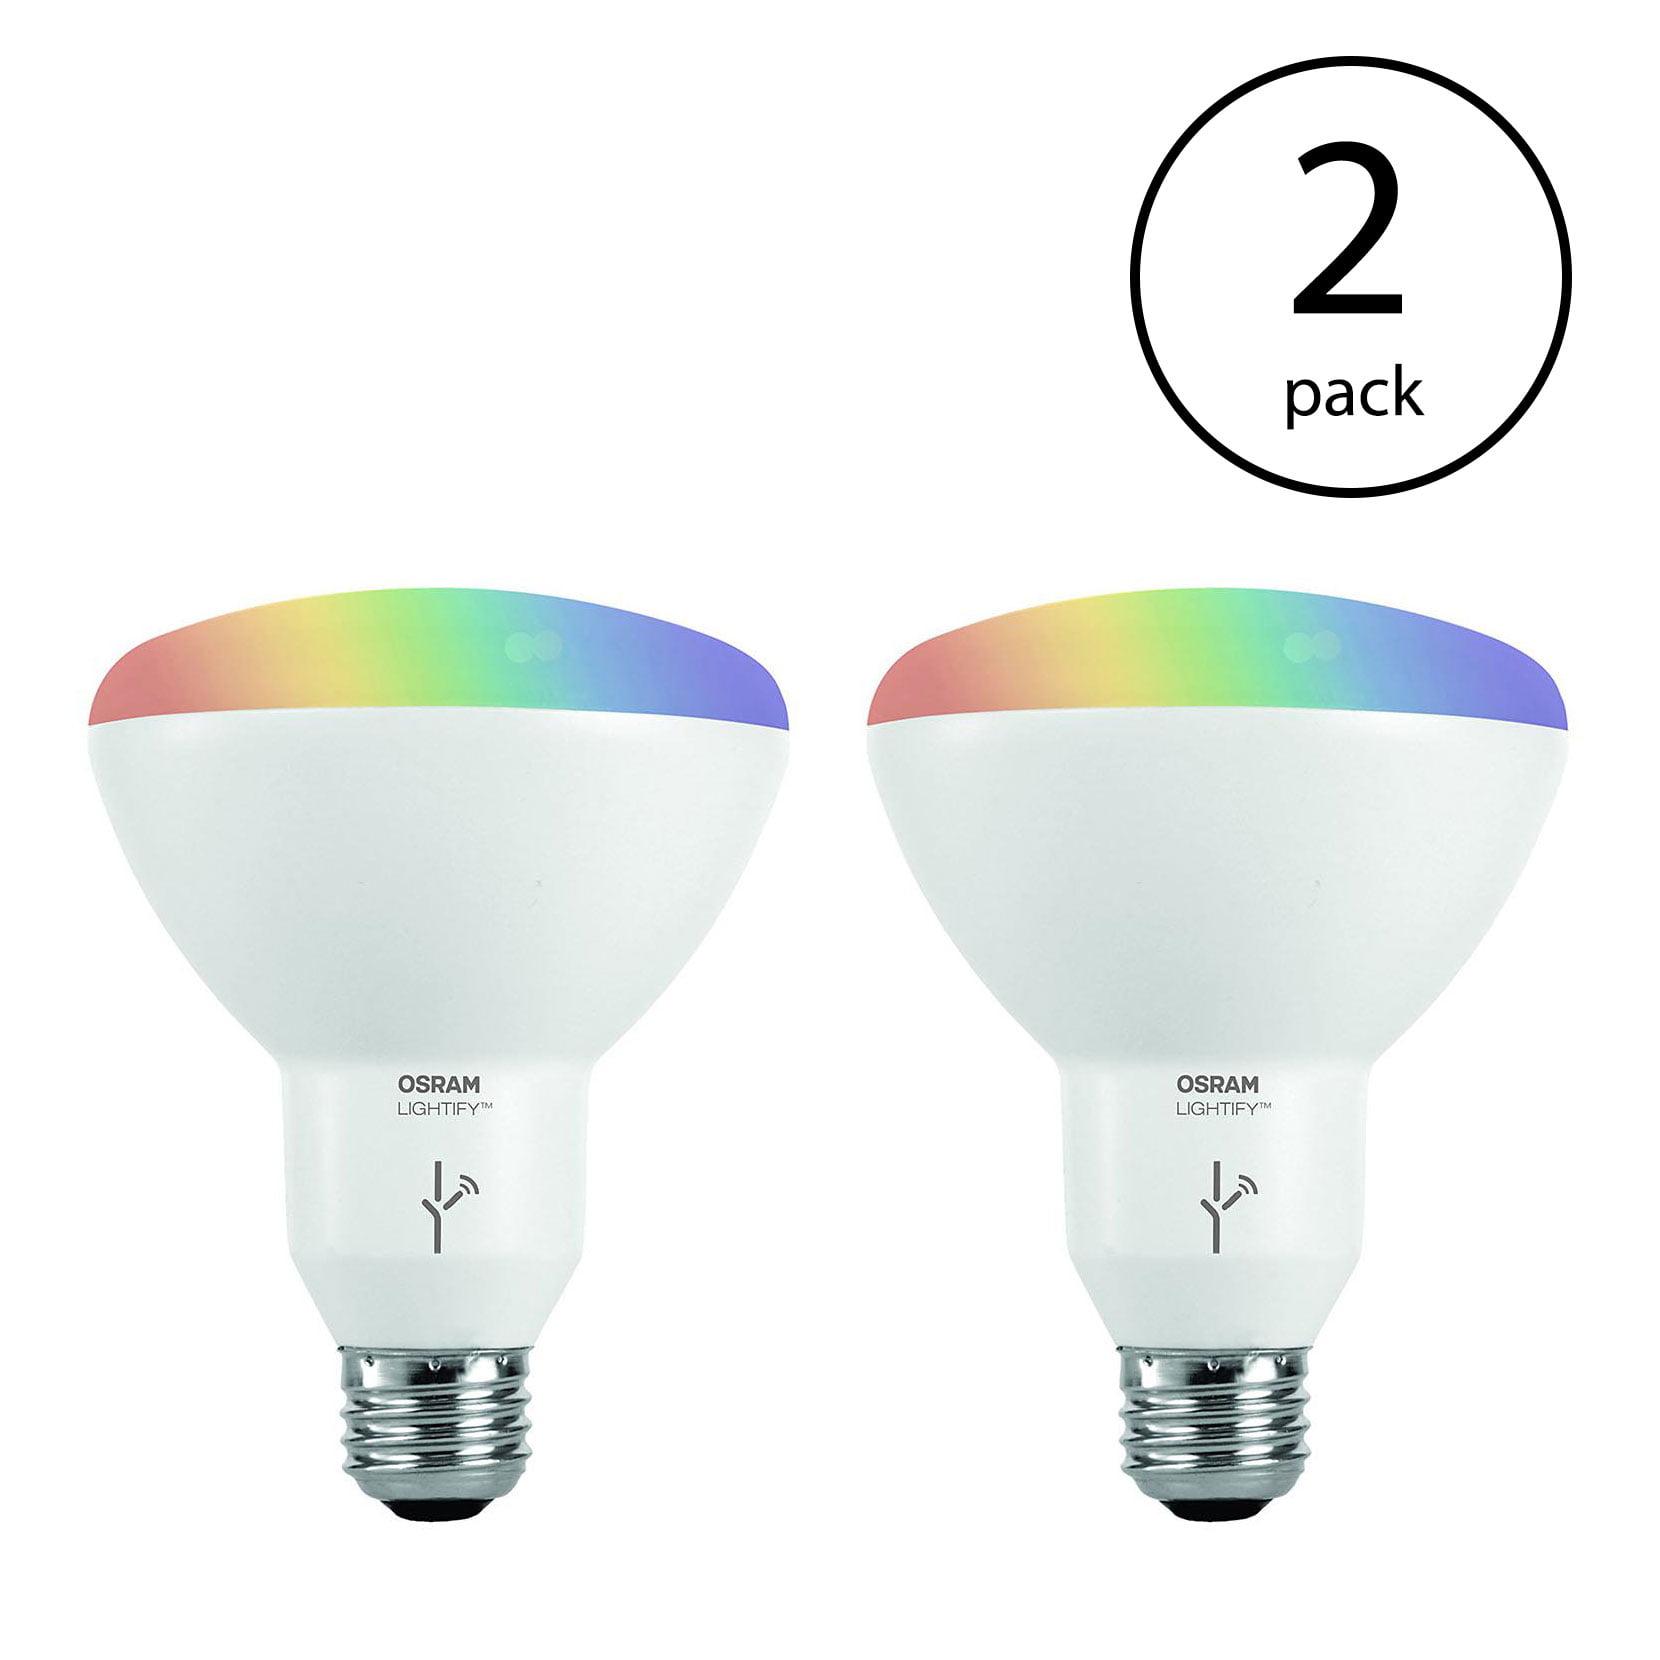 Sylvania Osram Lightify Smart Home 65W BR30 White Color LED